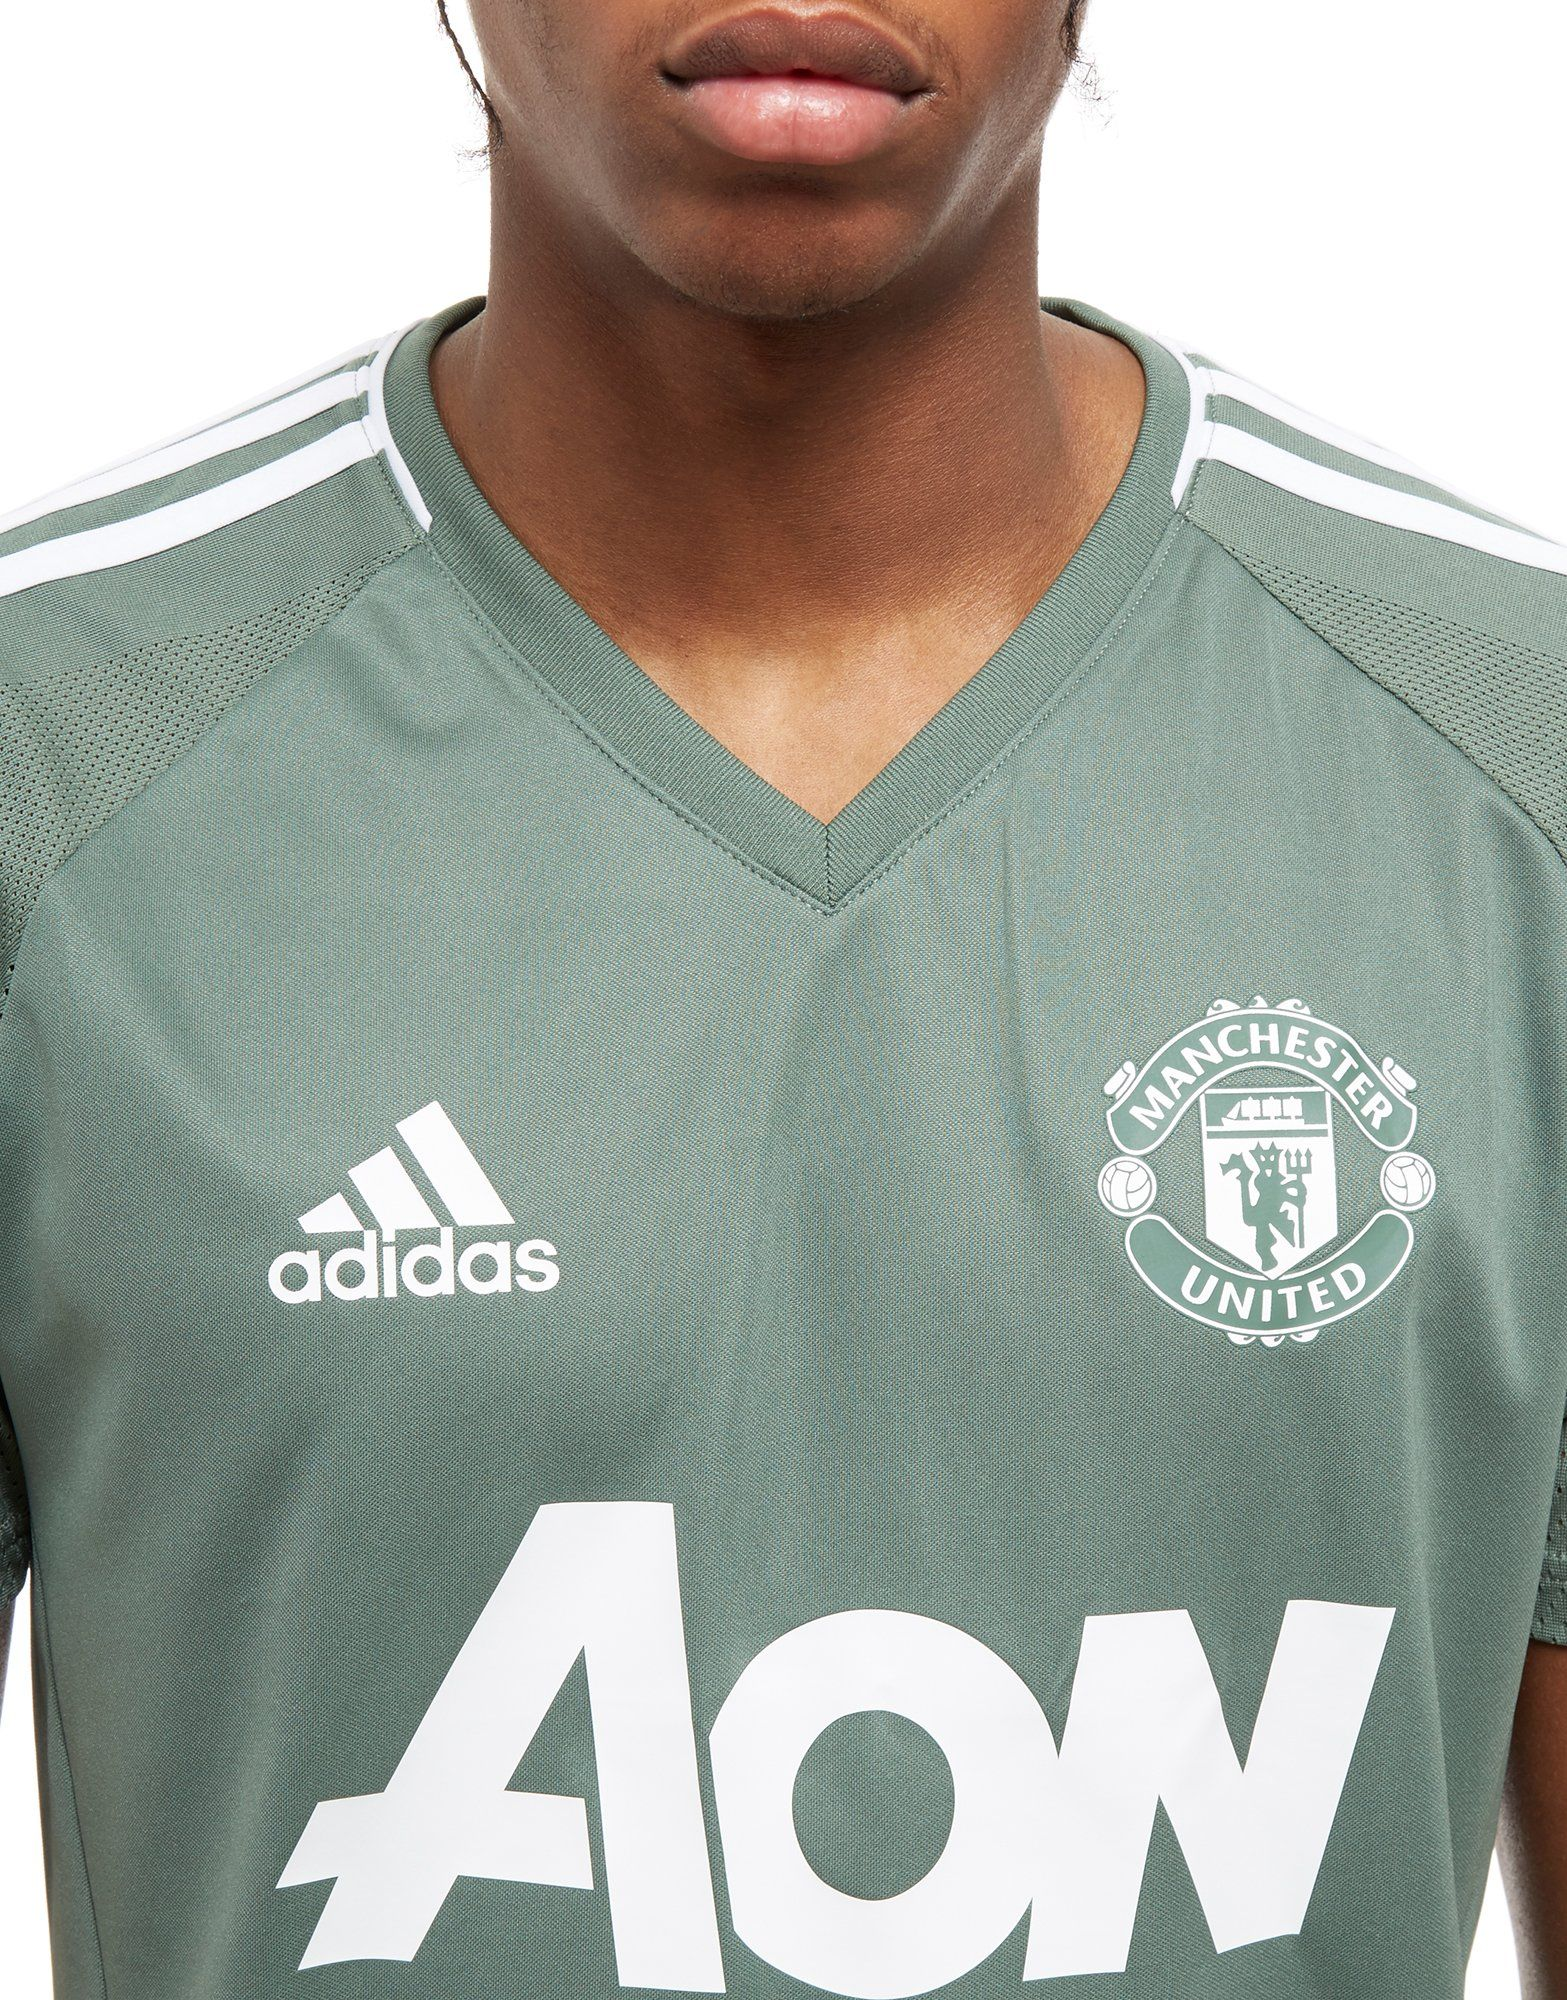 adidas adidas Manchester Manchester Shirt United Gr眉n Training Gr眉n FC RBwvqd